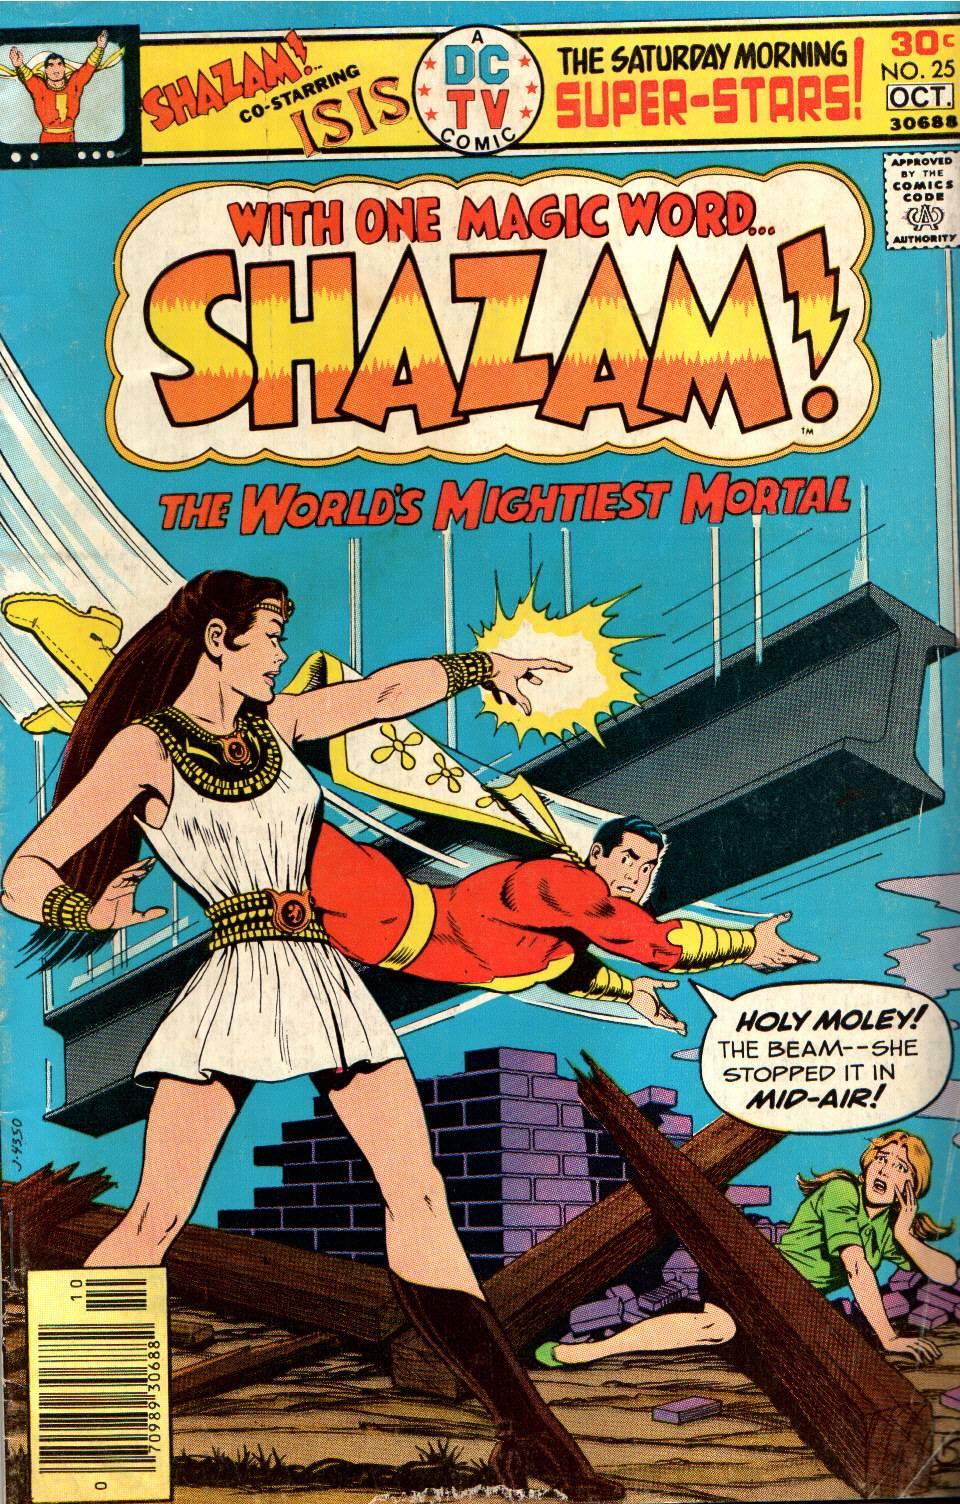 Shazam! (1973) issue 25 - Page 1